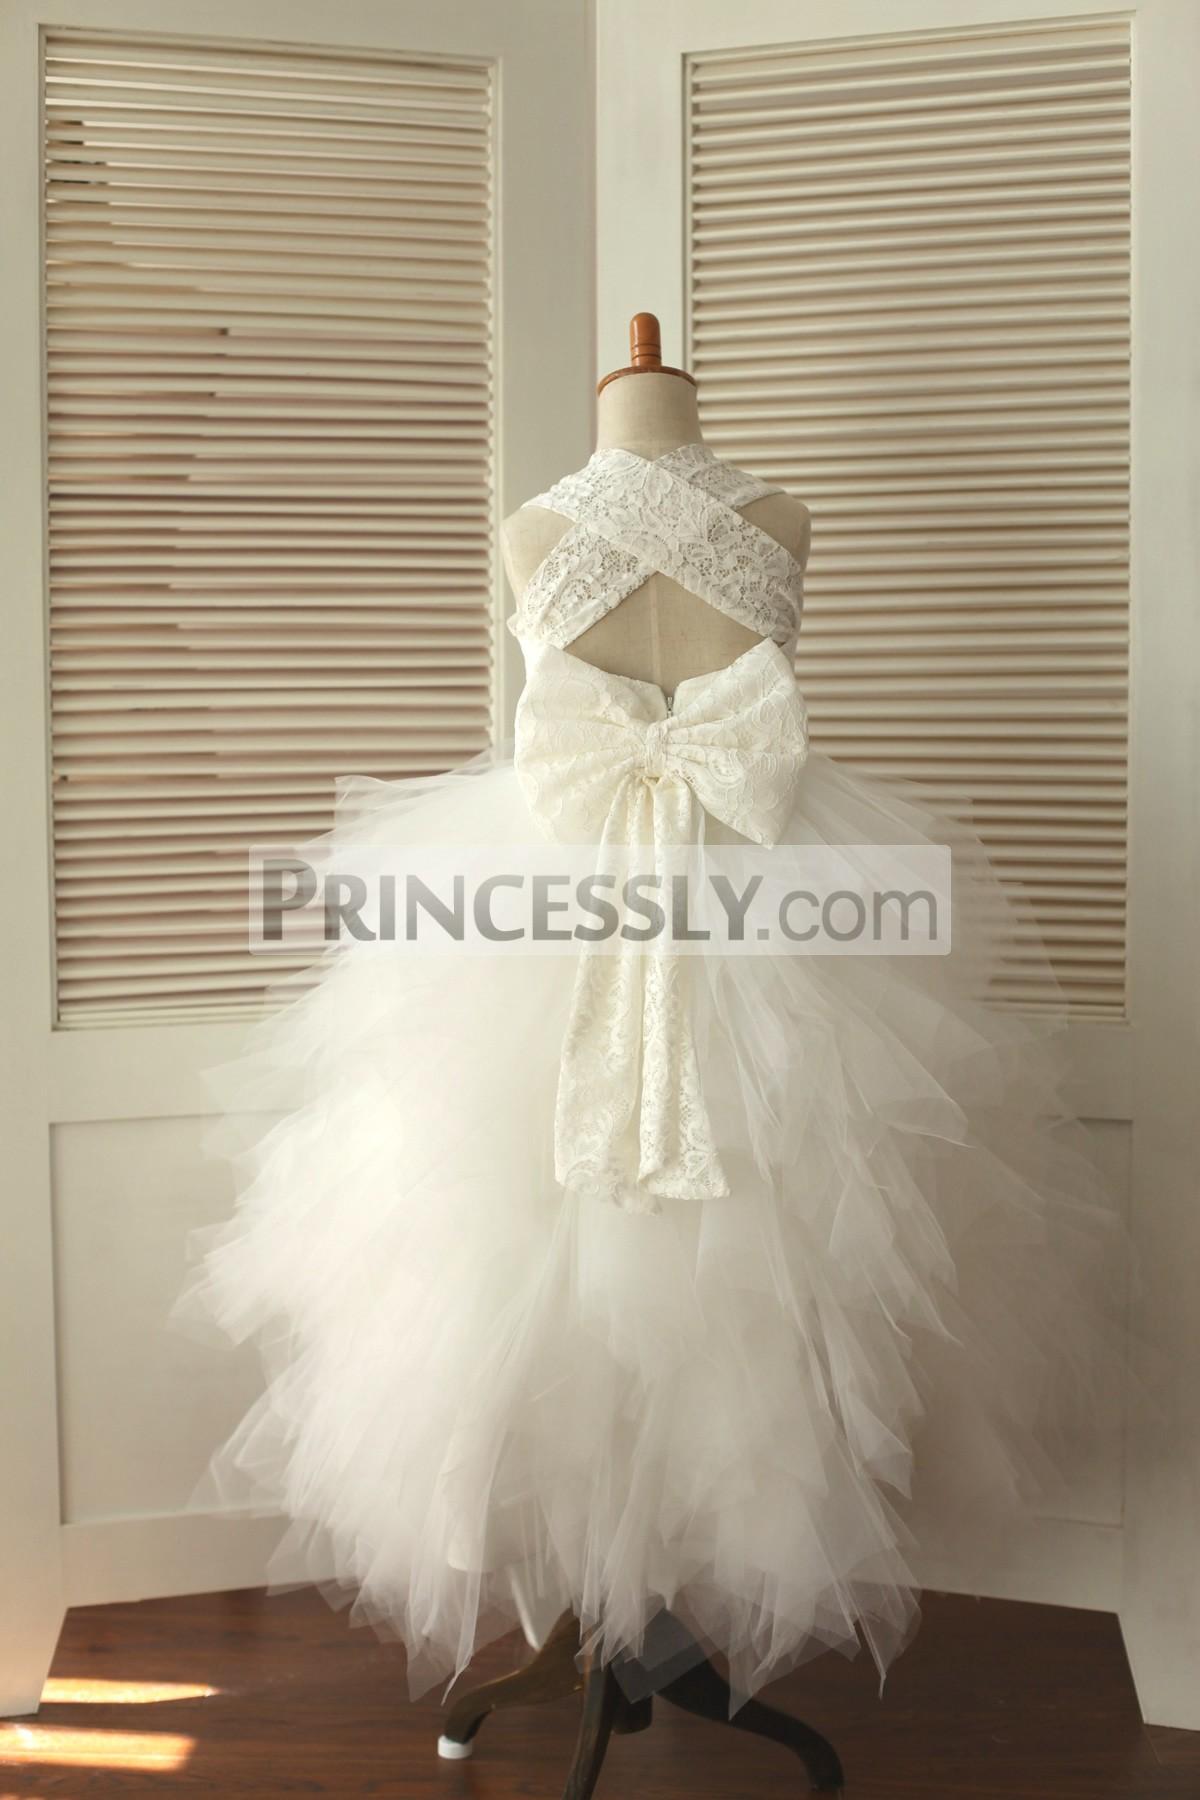 feathered wedding dresses photo - 1